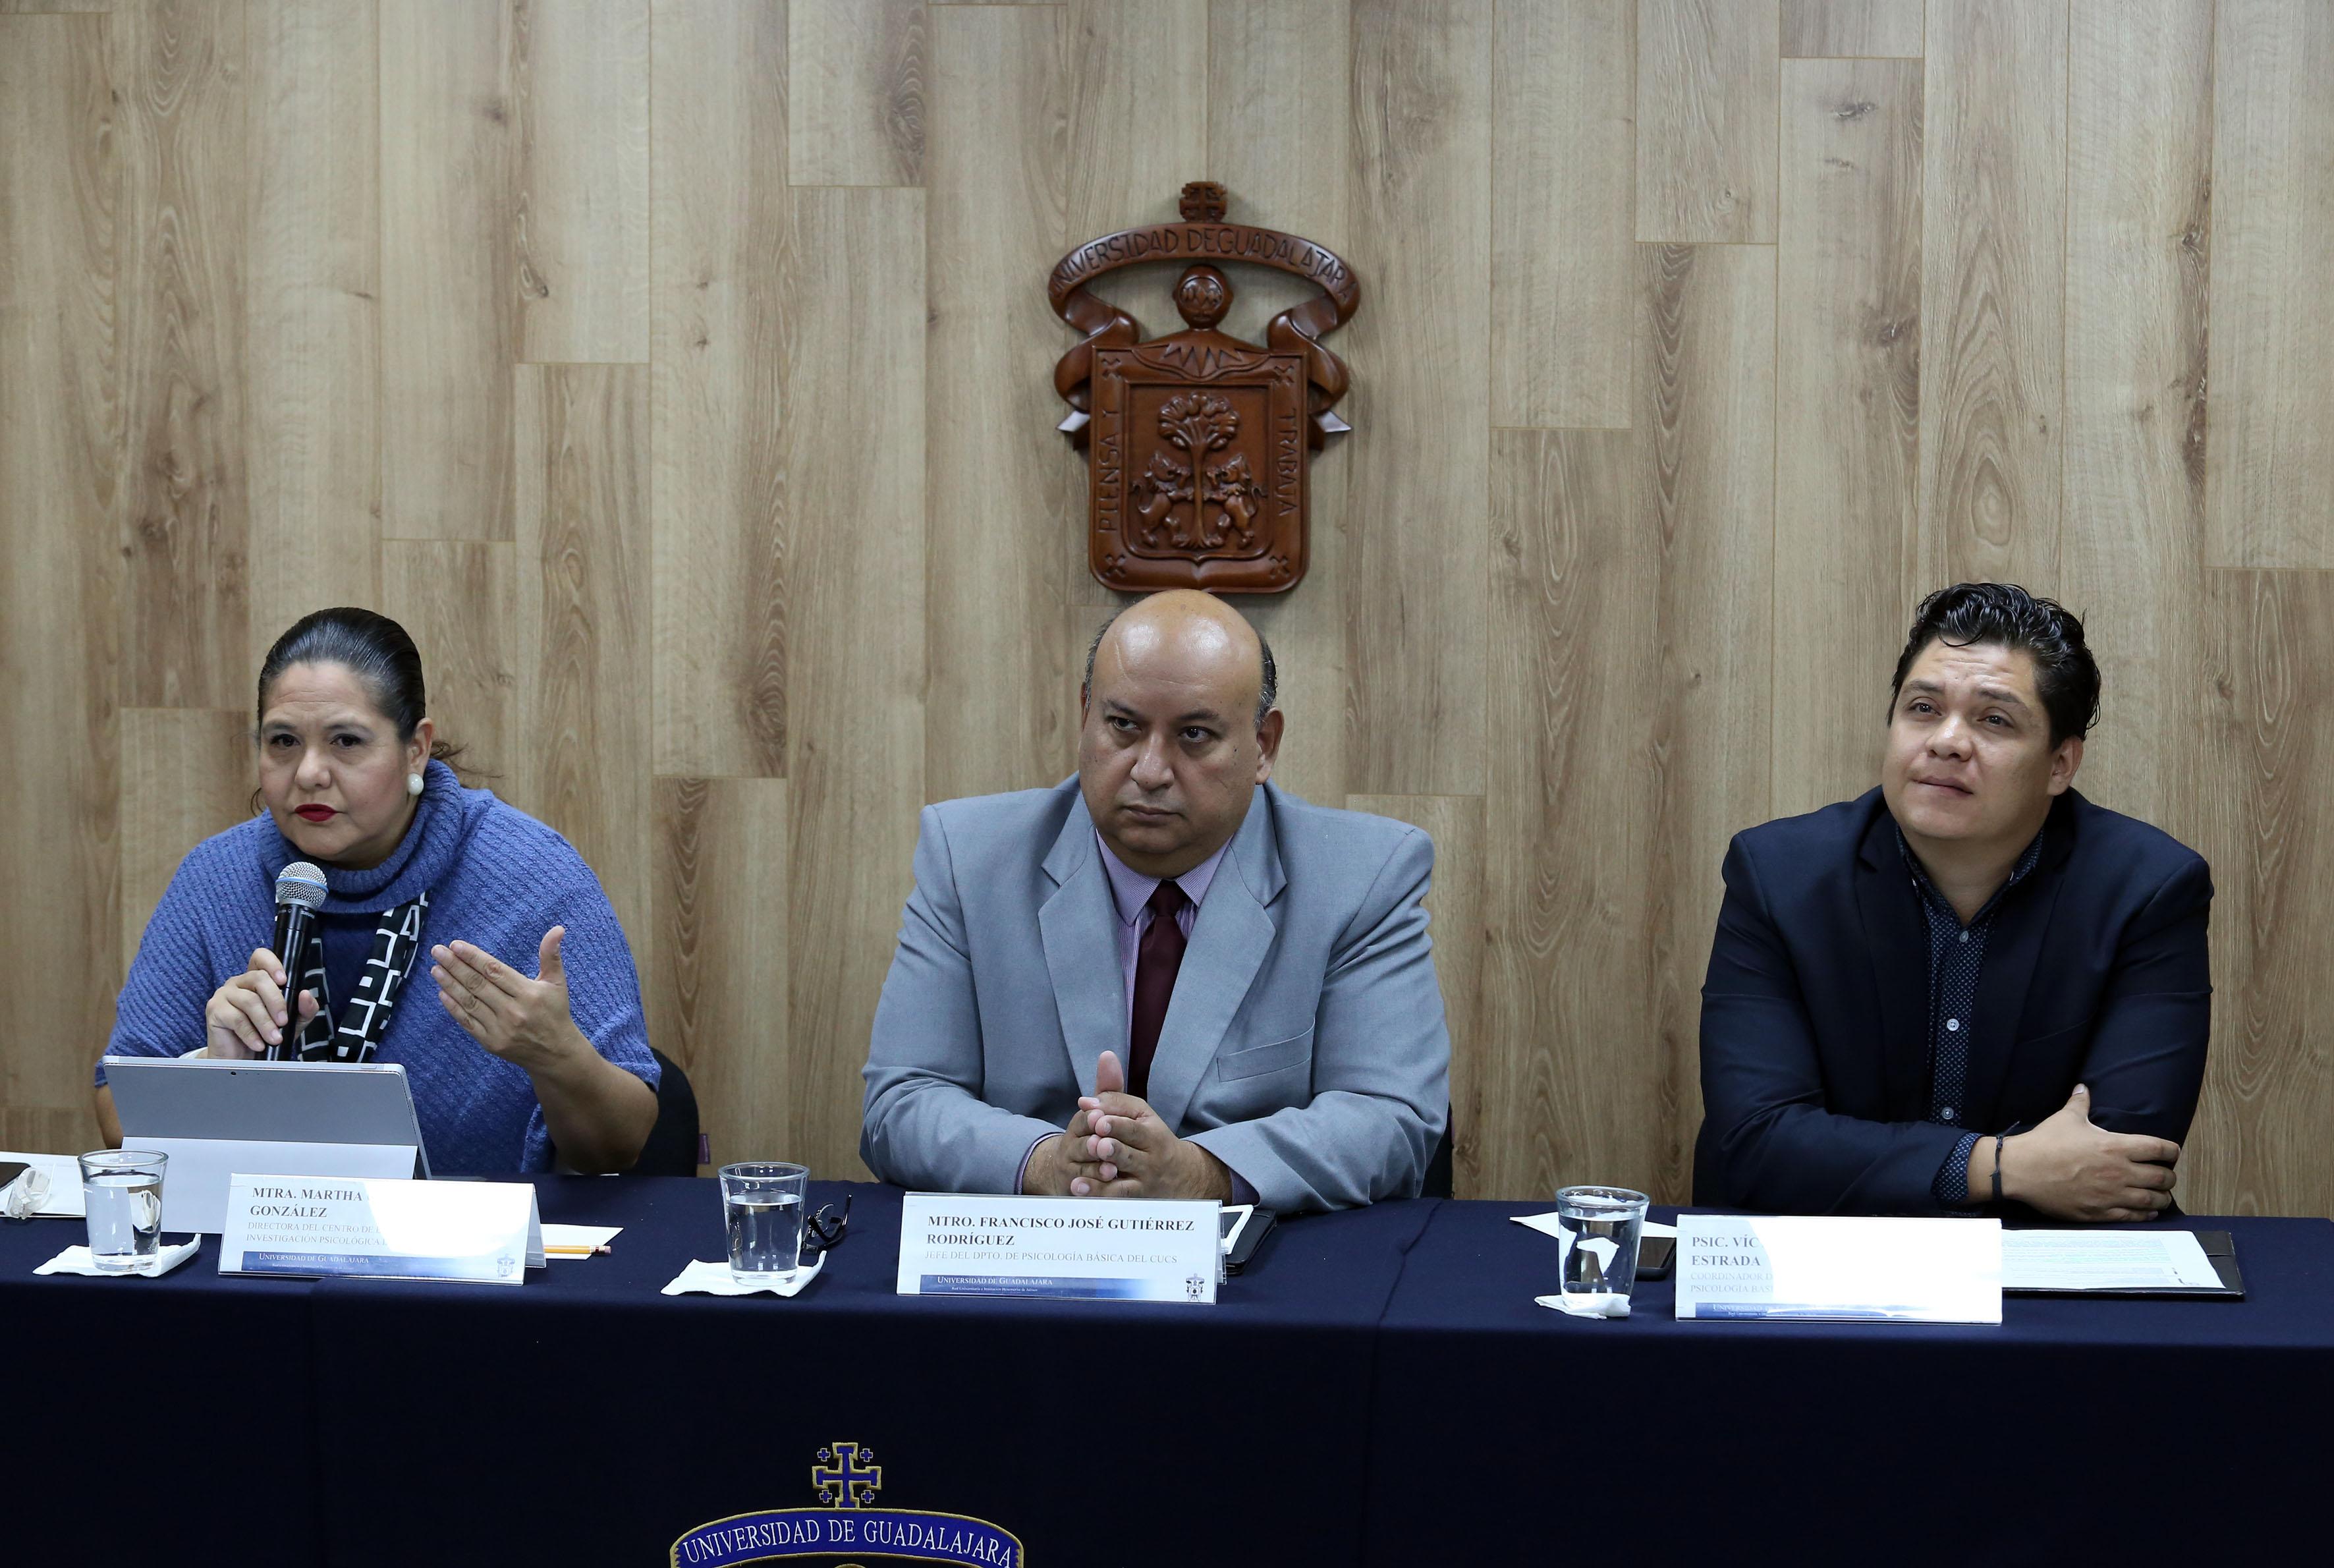 Miembros del presídium, al micrófono la Mtra Catalina Pérez